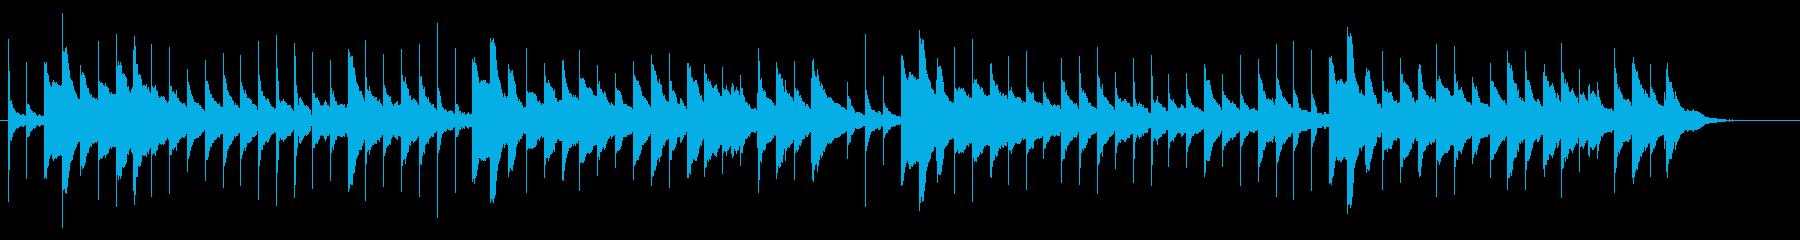 有名なラ・カンパネラをオルゴール風での再生済みの波形